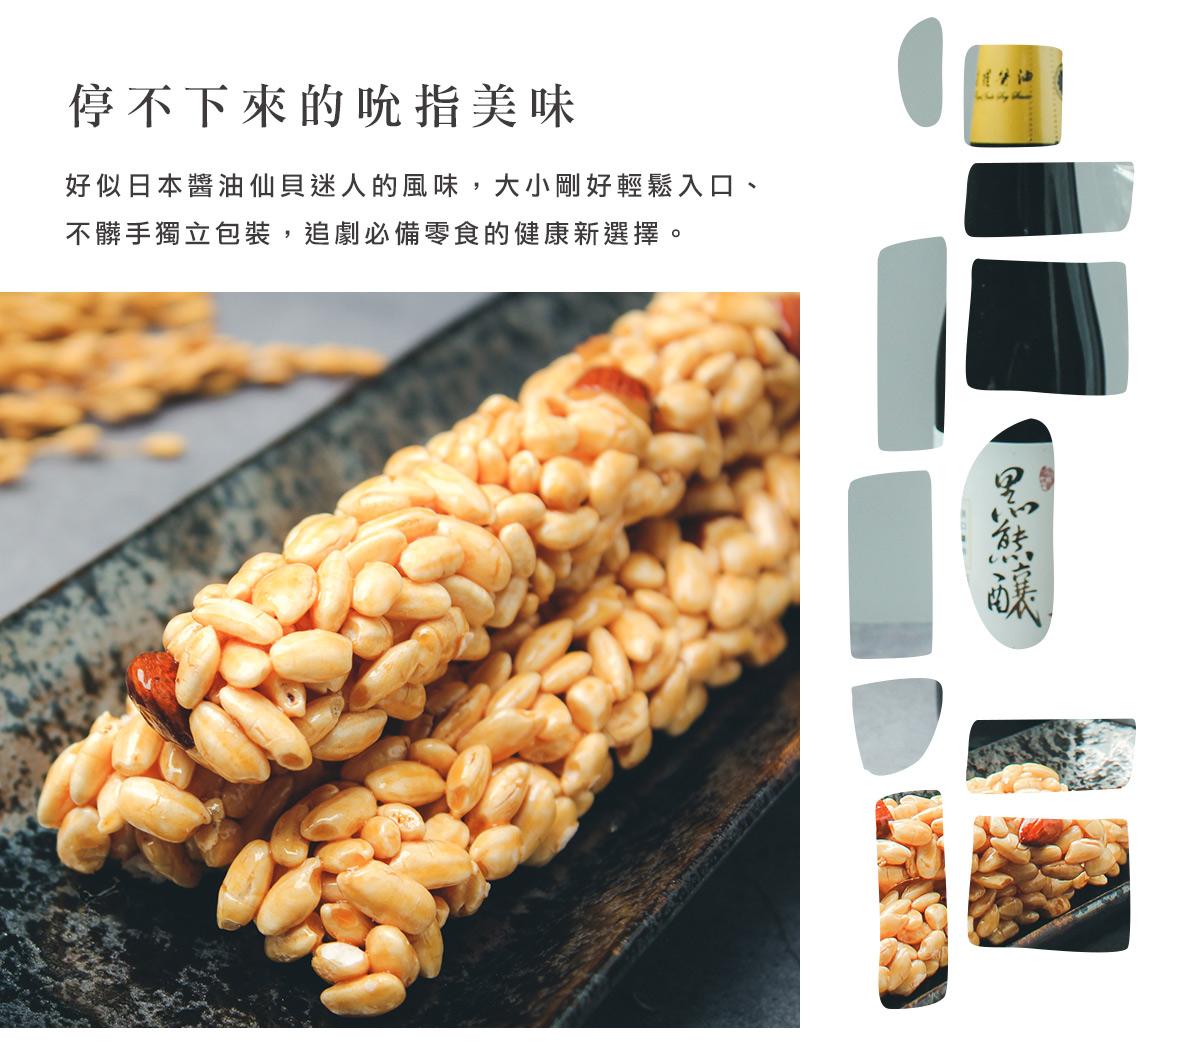 停不下來的吮指美味!好似日本醬油仙貝迷人的風味,大小剛好輕鬆入口、不髒手獨立包裝,追劇必備零食的健康新選擇。